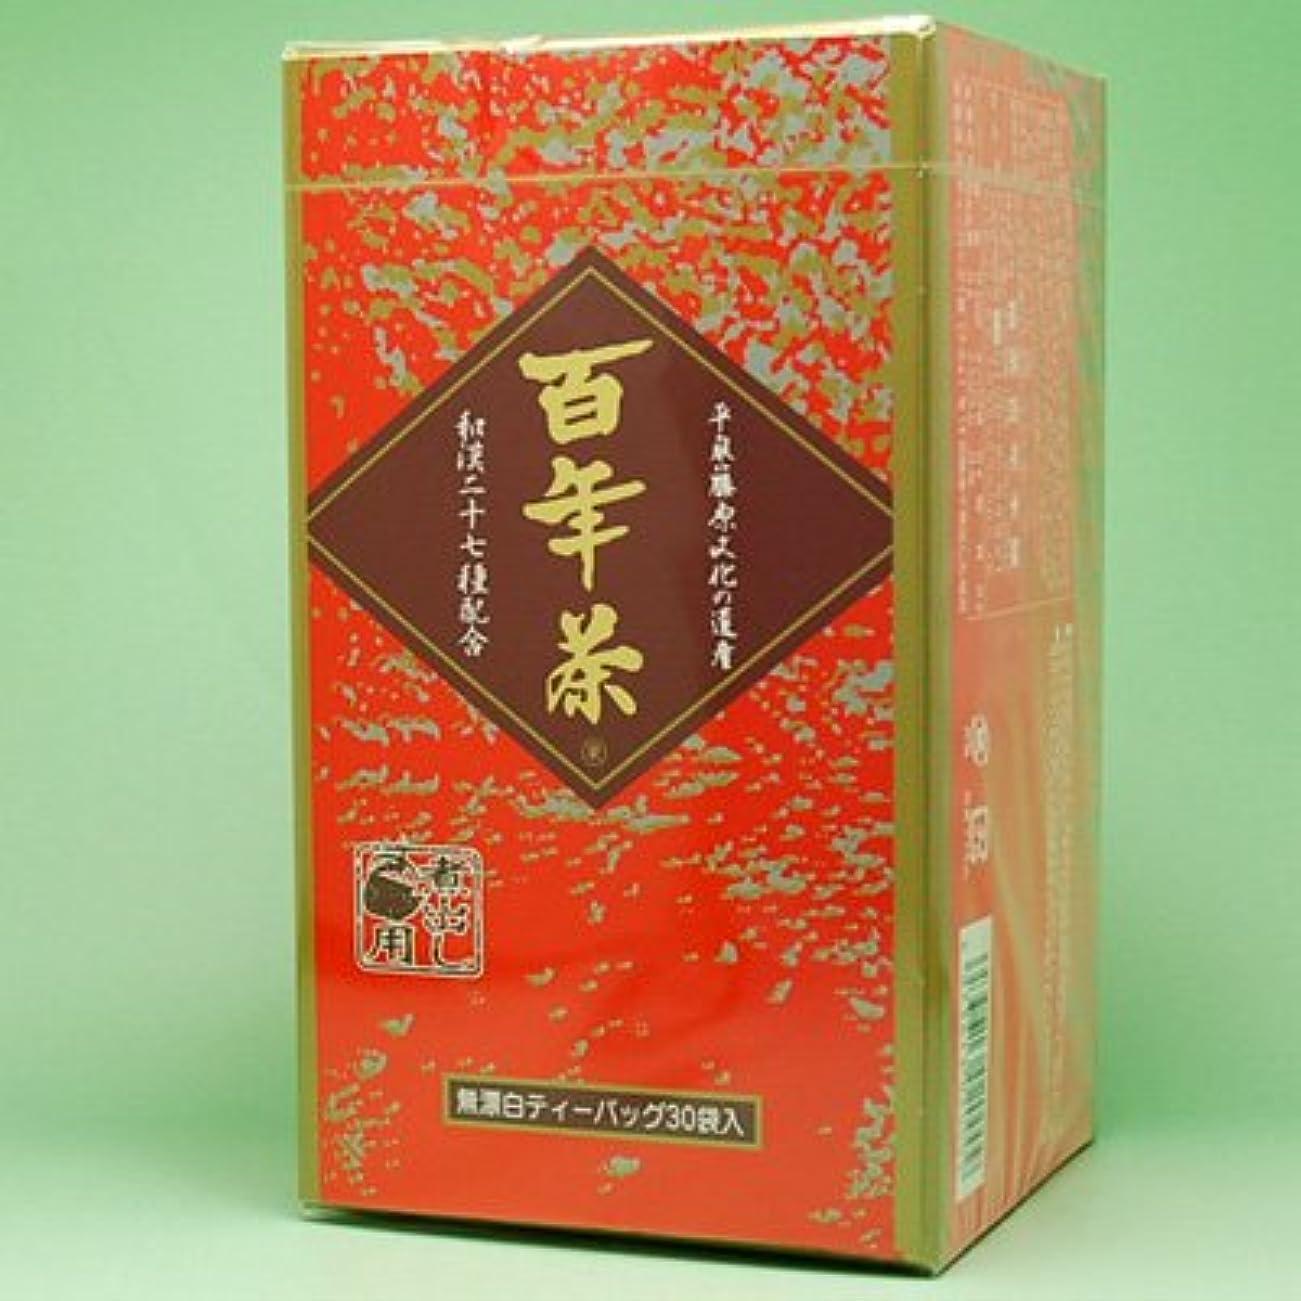 倍率家畜セイはさておき精茶百年 蕃柘榴配合 30袋 (#122200) ×6個セット